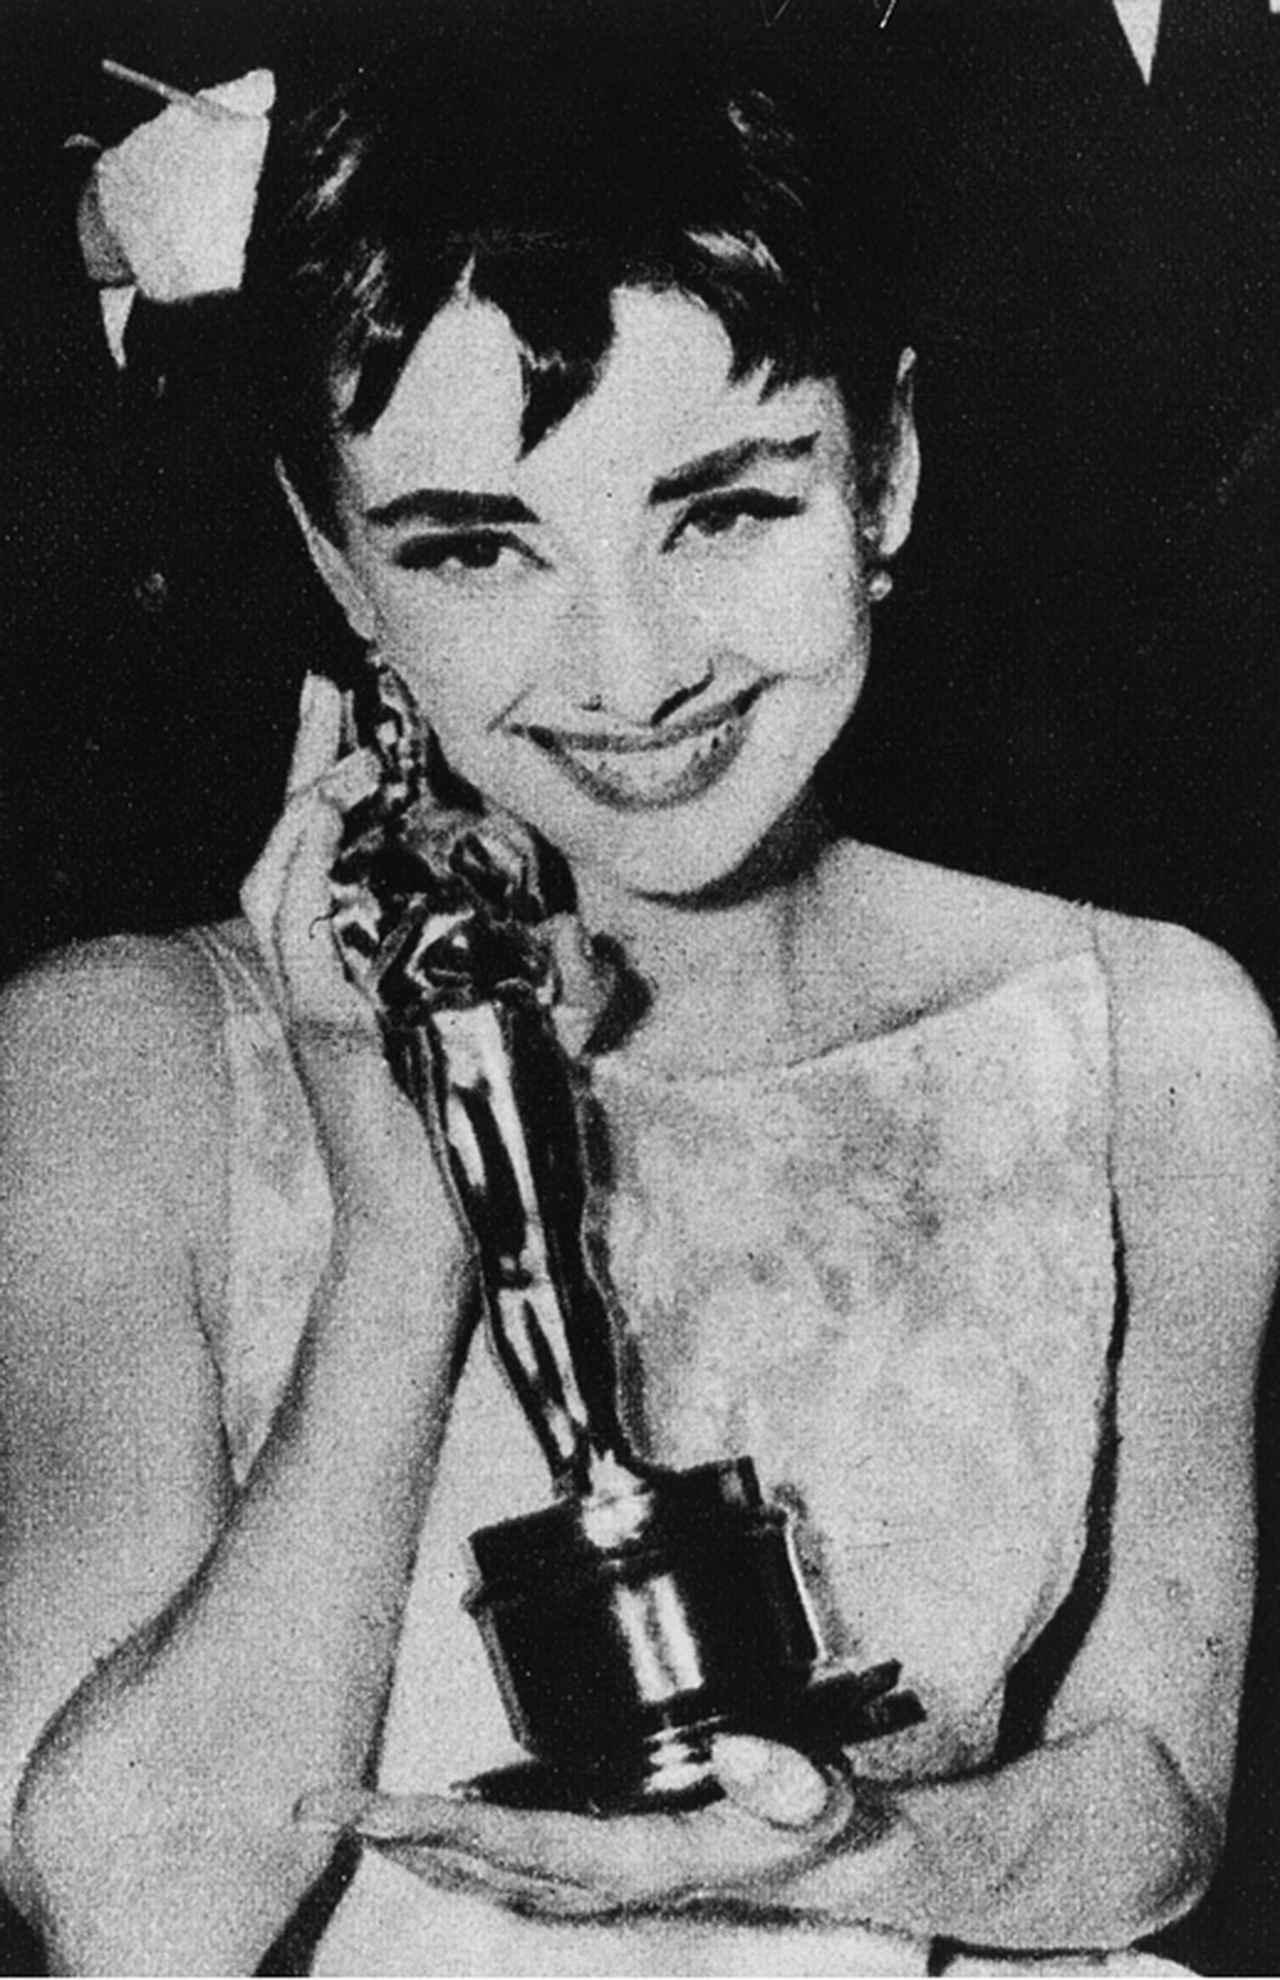 画像: 「ローマの休日」でアカデミー賞を受賞。舞台に出演中のため、ニューヨークでオスカーを授与された